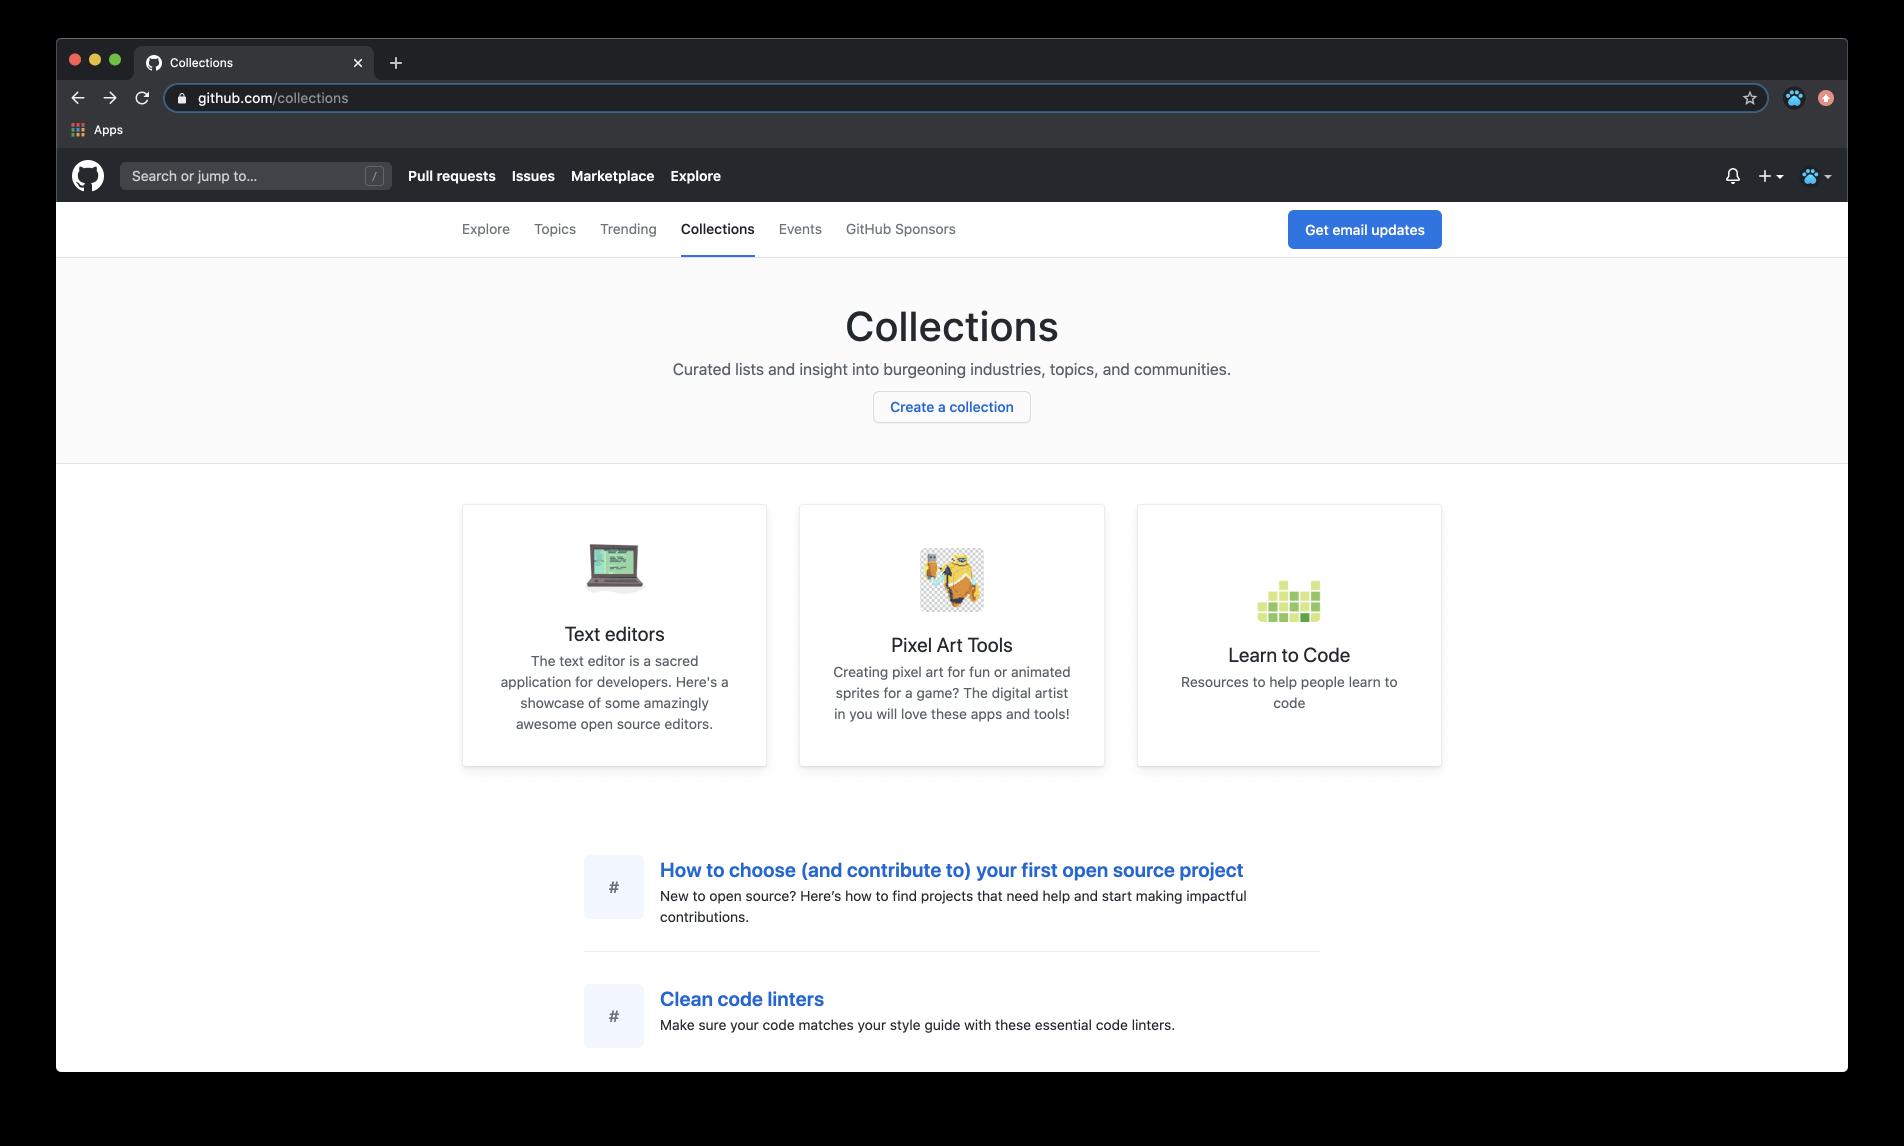 GitHub Collections